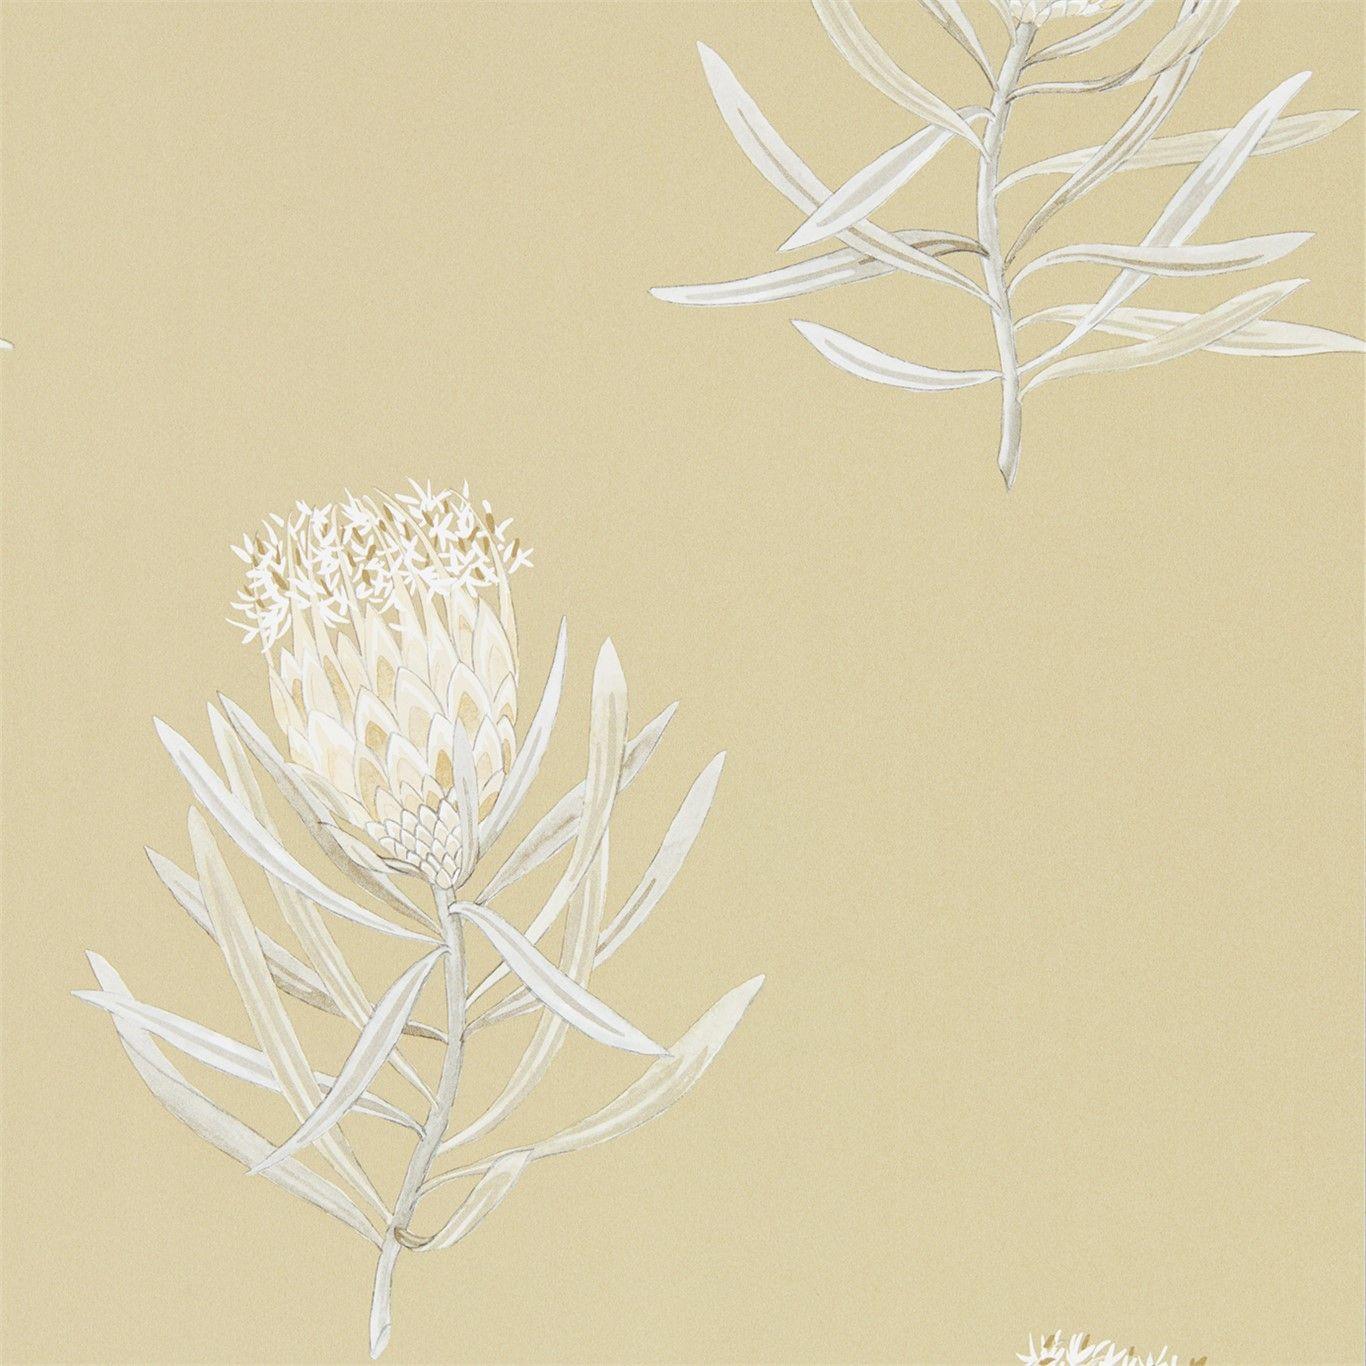 Protea Flower Sepia / Champagne